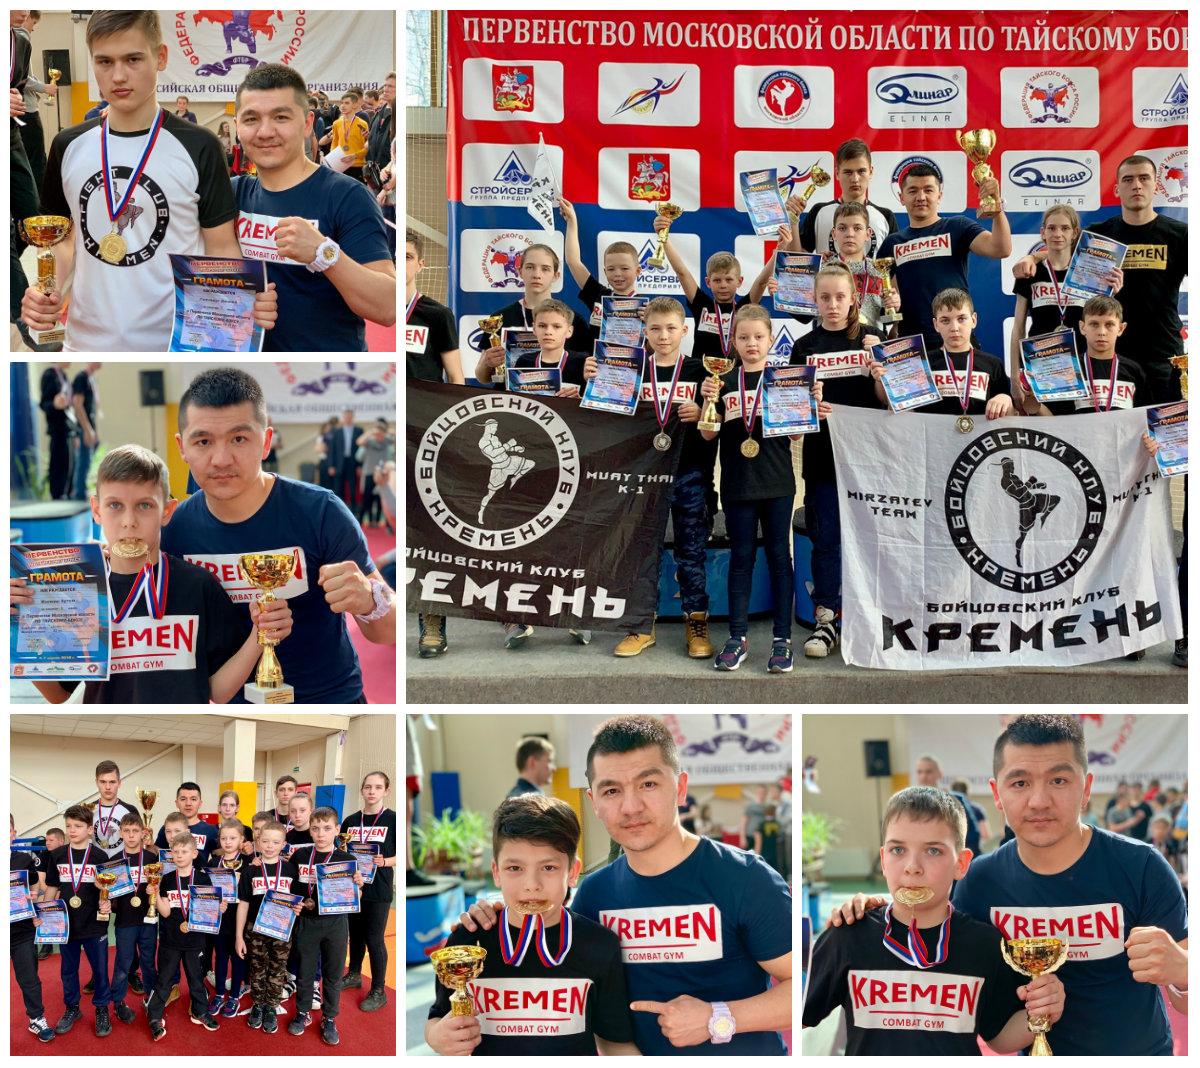 Прошло Первенство Московской области по тайскому боксу, в котором активное участие приняли спортсмены из бойцовского клуба «Кремень».